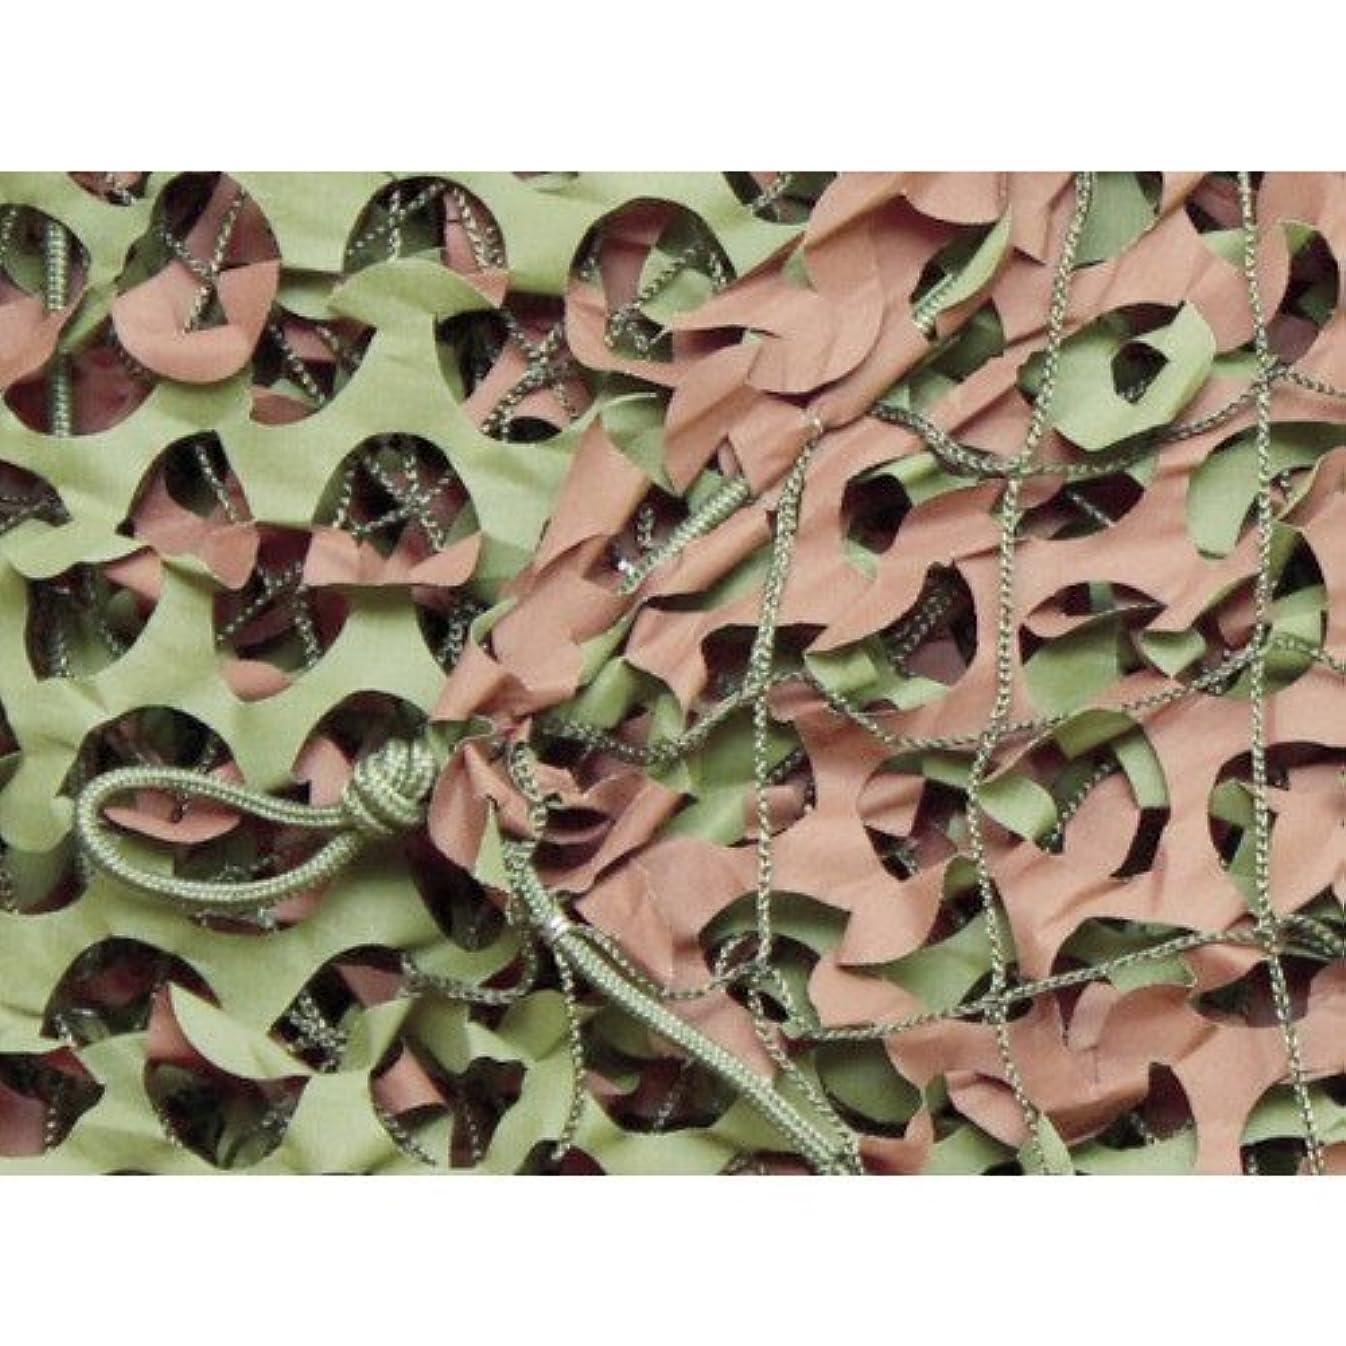 伝染性かける限界トラスコ中山 CAMO ベーシック レギュラーXミリタリー グリーン&ブラウン 1.8mX3m WM12